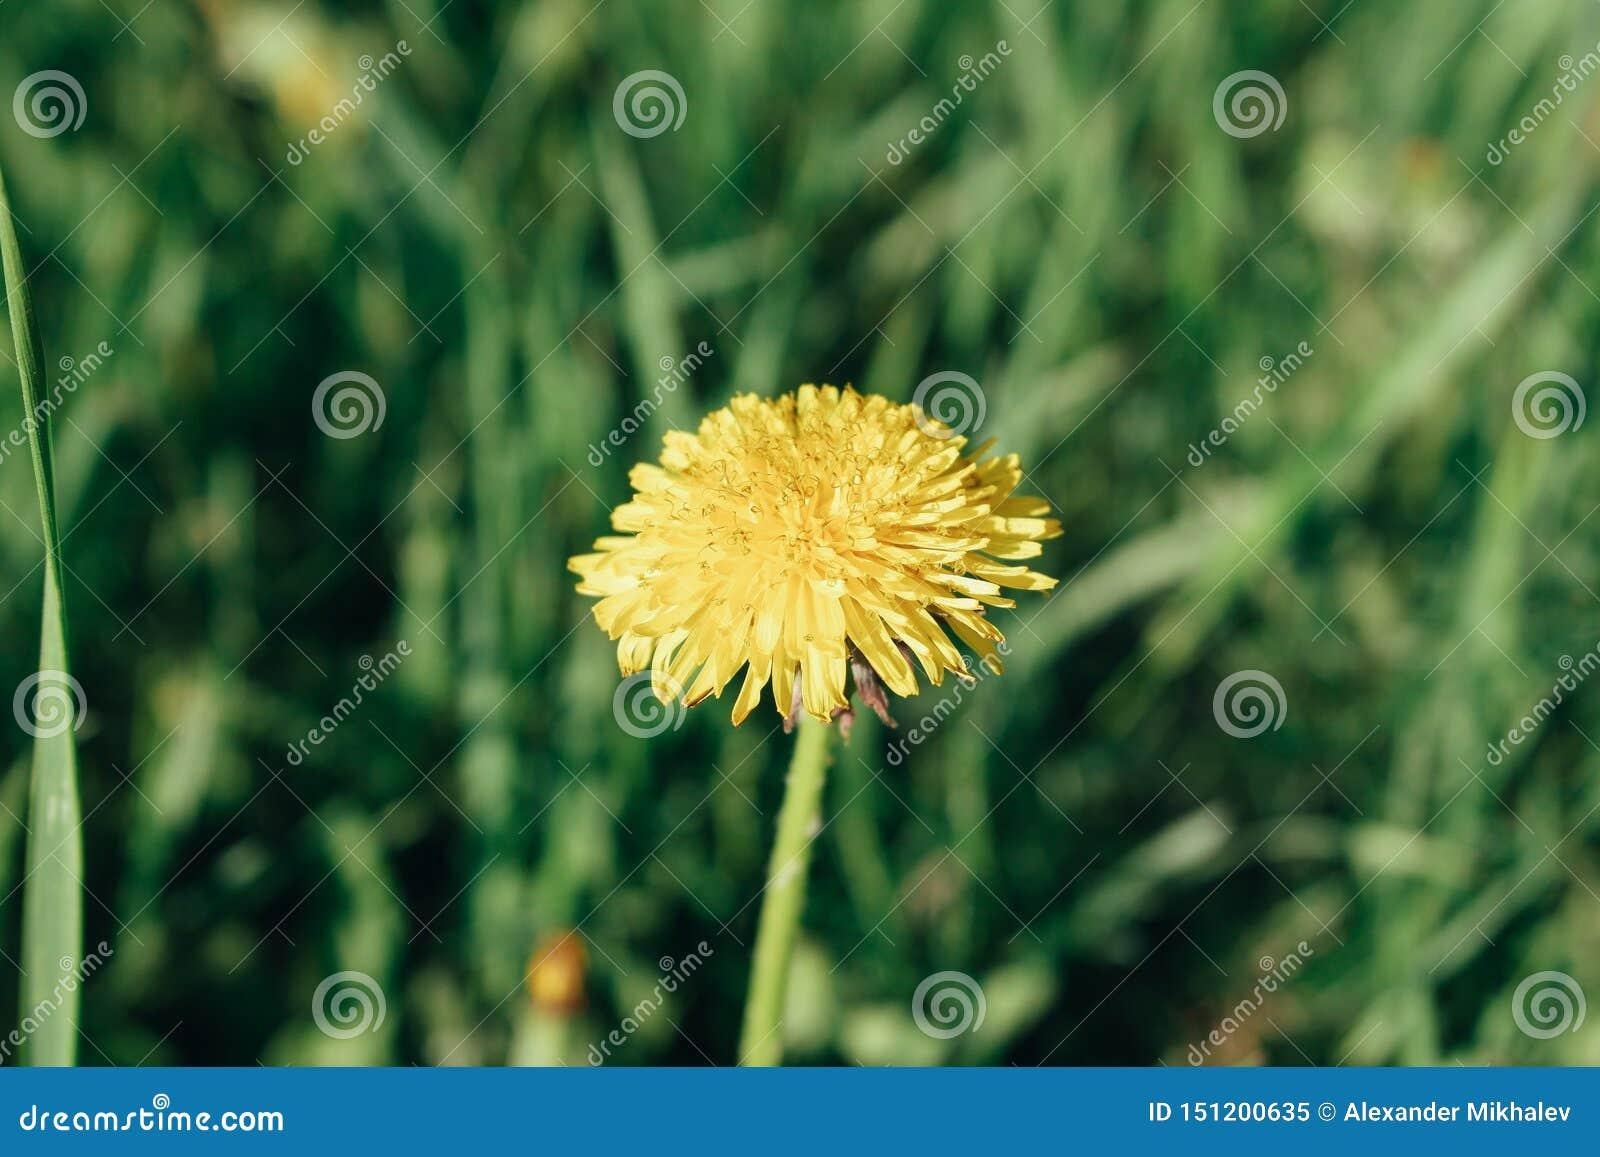 Żółty dandelion wśród gęstej trawy